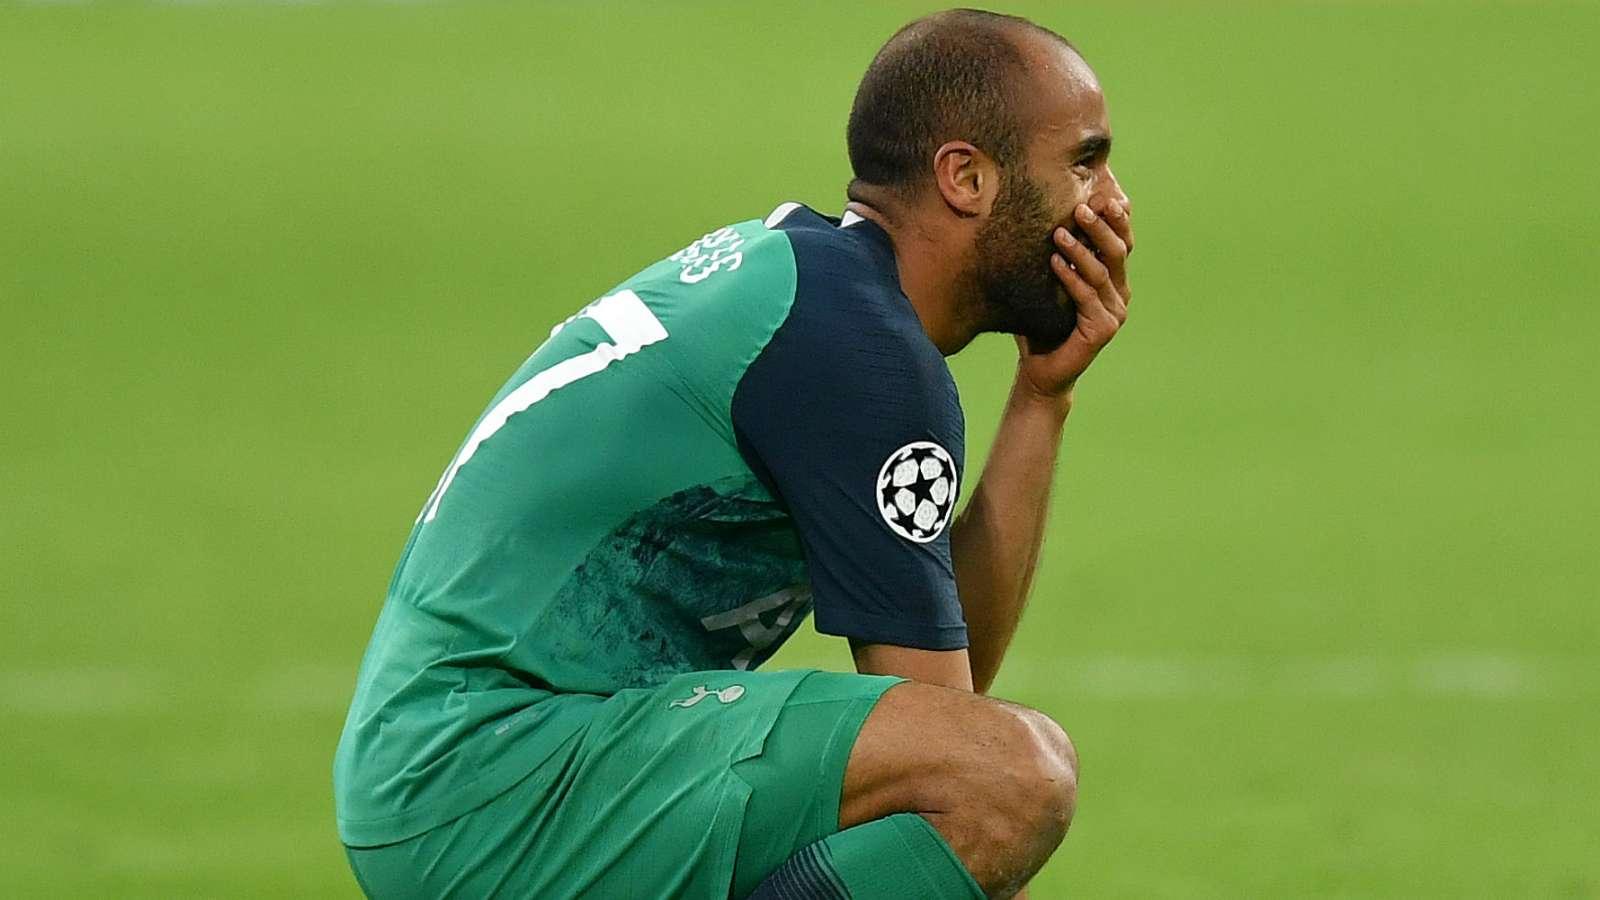 小卢卡斯:每次回看我的绝杀球, 我都会落泪